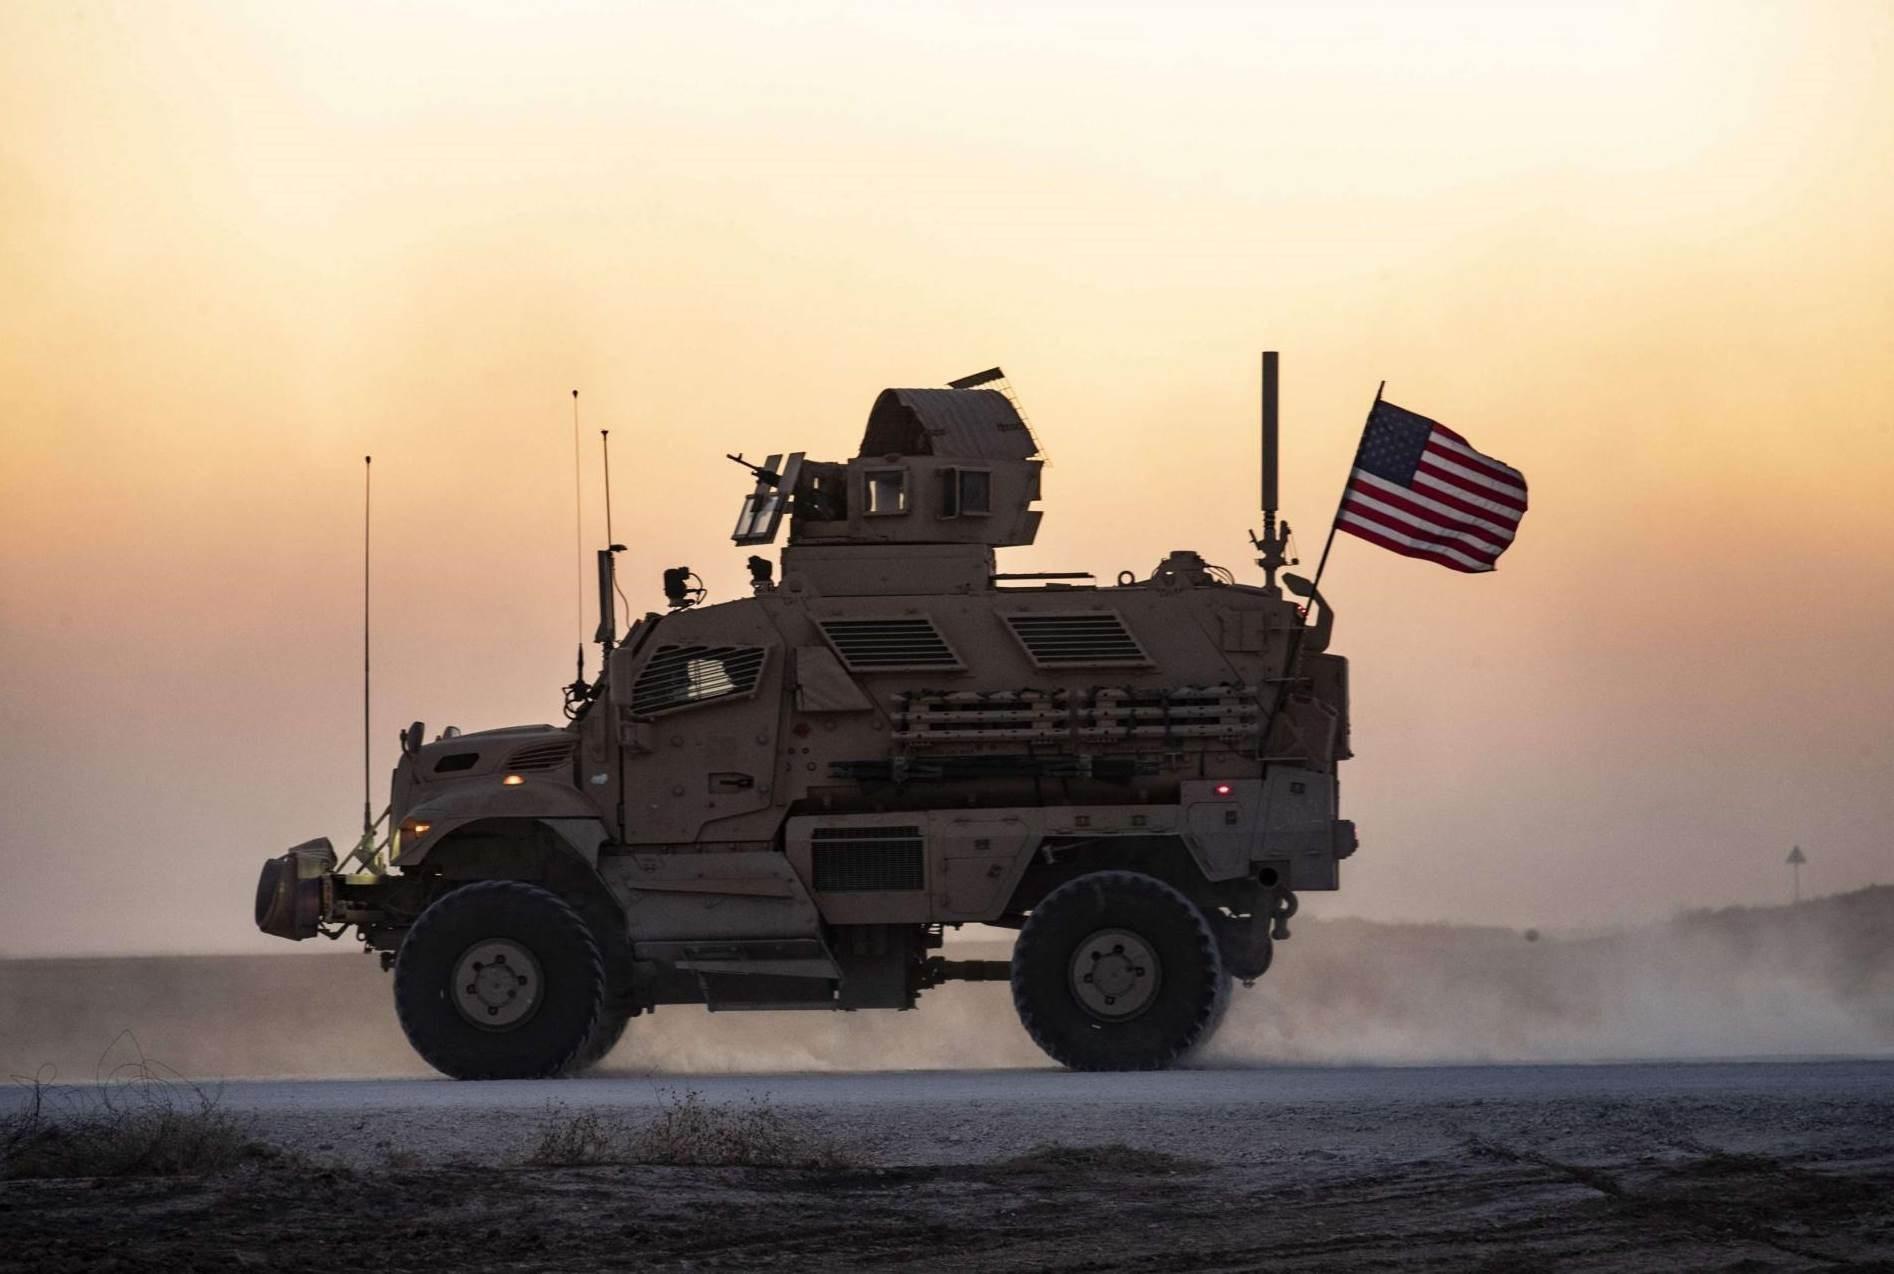 العراق: استهداف رتلين عسكريين للتحالف الدولي في السماوة والديوانية